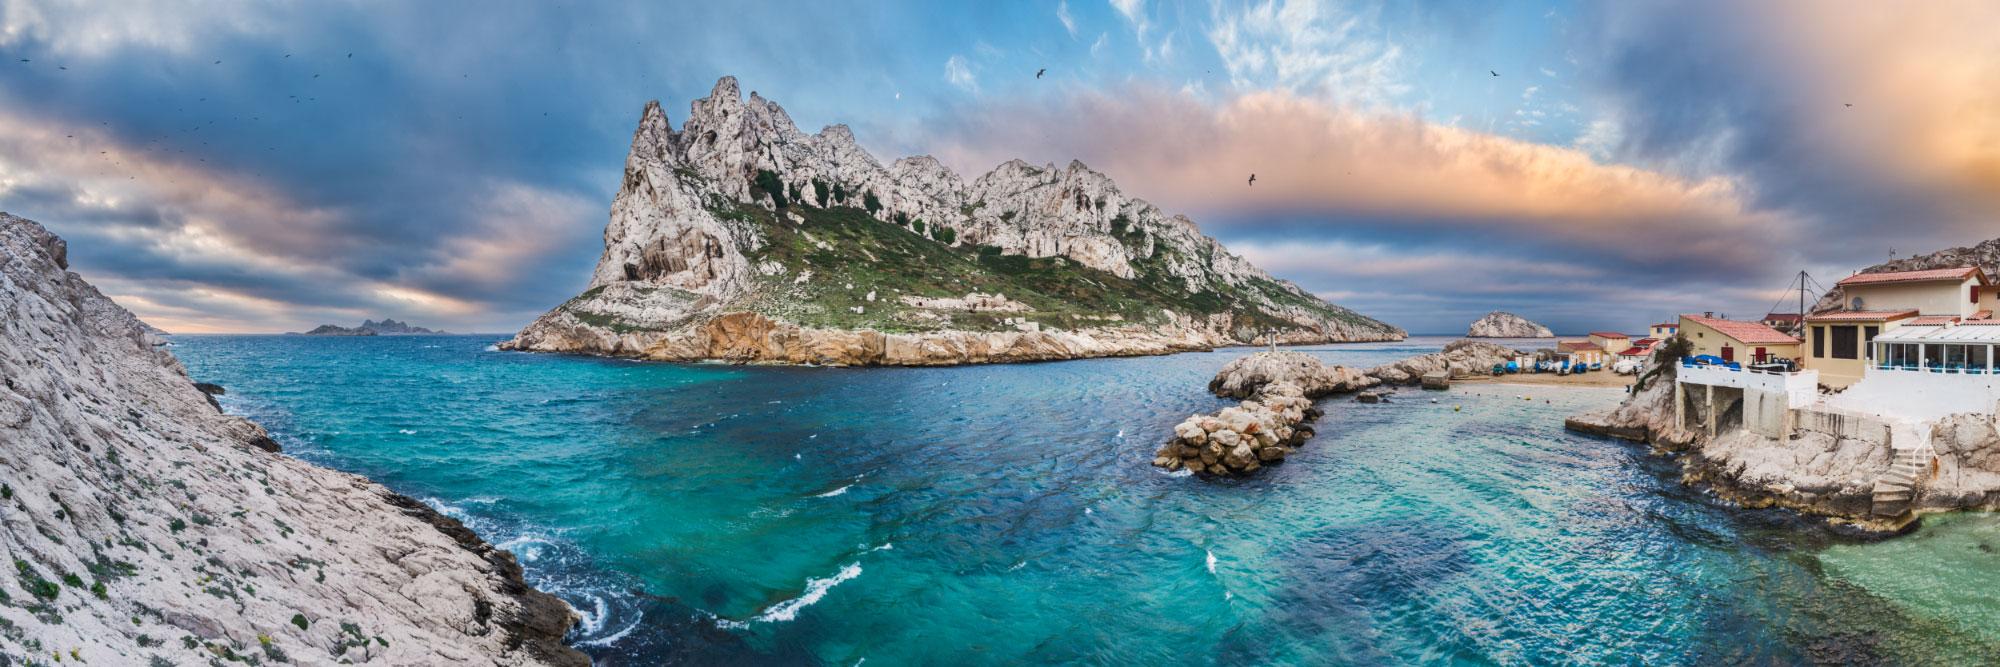 Ile Maire et baie des Singes, Cap Croisette, Marseille